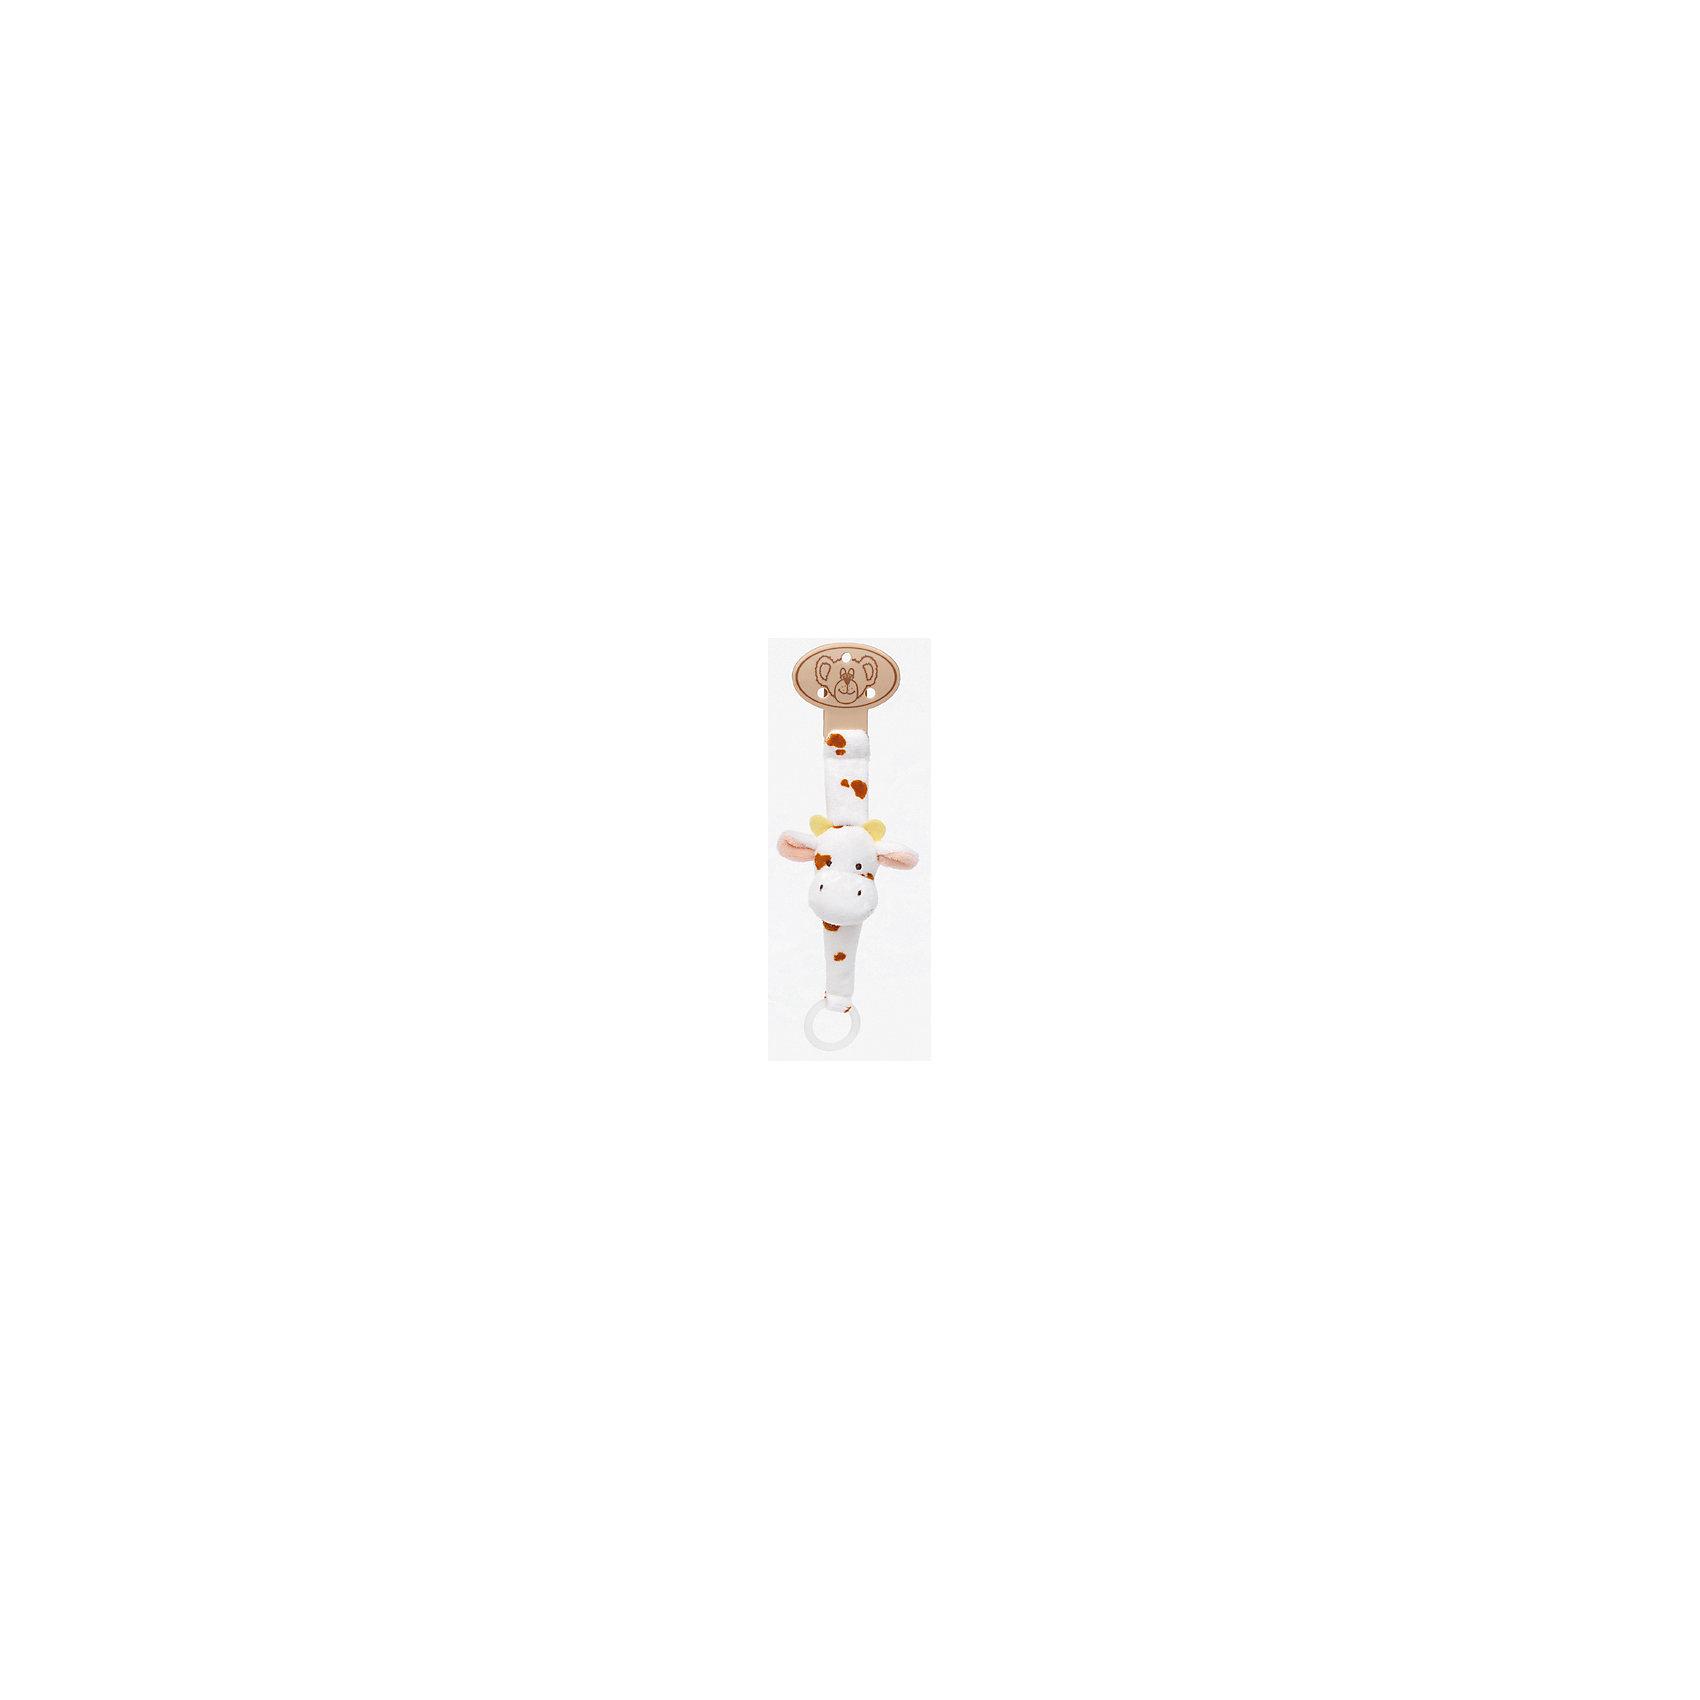 Держатель для соски Корова, ДинглисарХарактеристики игрушки Teddykompaniet: <br><br>• размер держателя для соски: 21 см;<br>• материал: 100% хлопок (безворсовый велюр), пластик;<br>• серия: Динглисар;<br>• тип крепления: пластиковая клипса.<br><br>Держатель для соски крепится к одежде малыша с помощью пластикового карабина. Мягкая игрушка с мордочкой коровки приятная на ощупь, выполнена из велюра. На другом конце держателя находится пластиковое кольцо-держатель, к которому крепится пустышка. <br><br>Держатель для соски Корова, Динглисар можно купить в нашем интернет-магазине.<br><br>Ширина мм: 50<br>Глубина мм: 100<br>Высота мм: 100<br>Вес г: 210<br>Возраст от месяцев: 0<br>Возраст до месяцев: 12<br>Пол: Унисекс<br>Возраст: Детский<br>SKU: 5219498